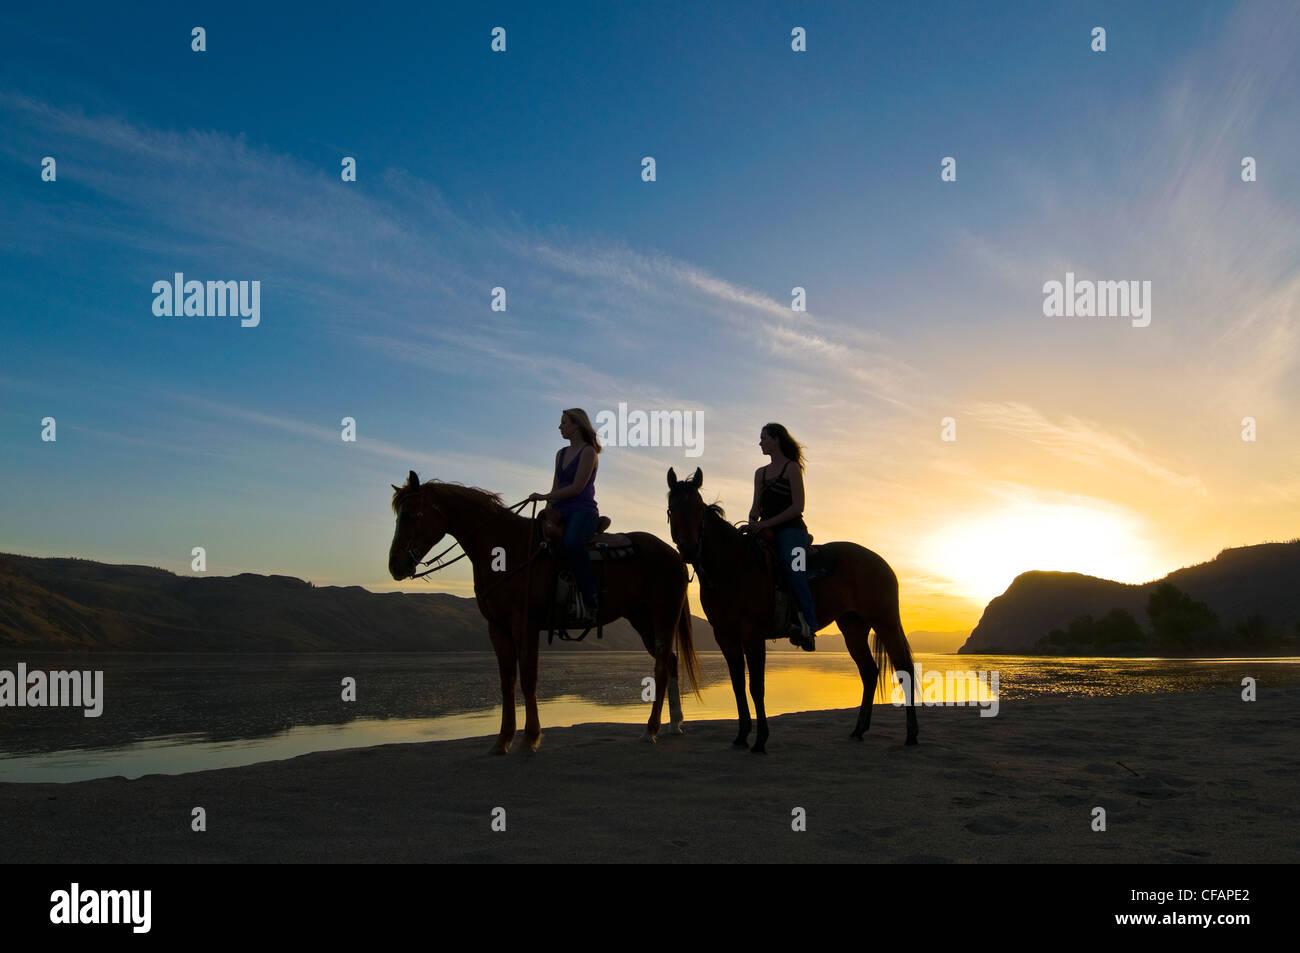 Zwei junge Frauen genießen atemberaubende Blick auf Pferden Sonnenuntergang Stockfoto